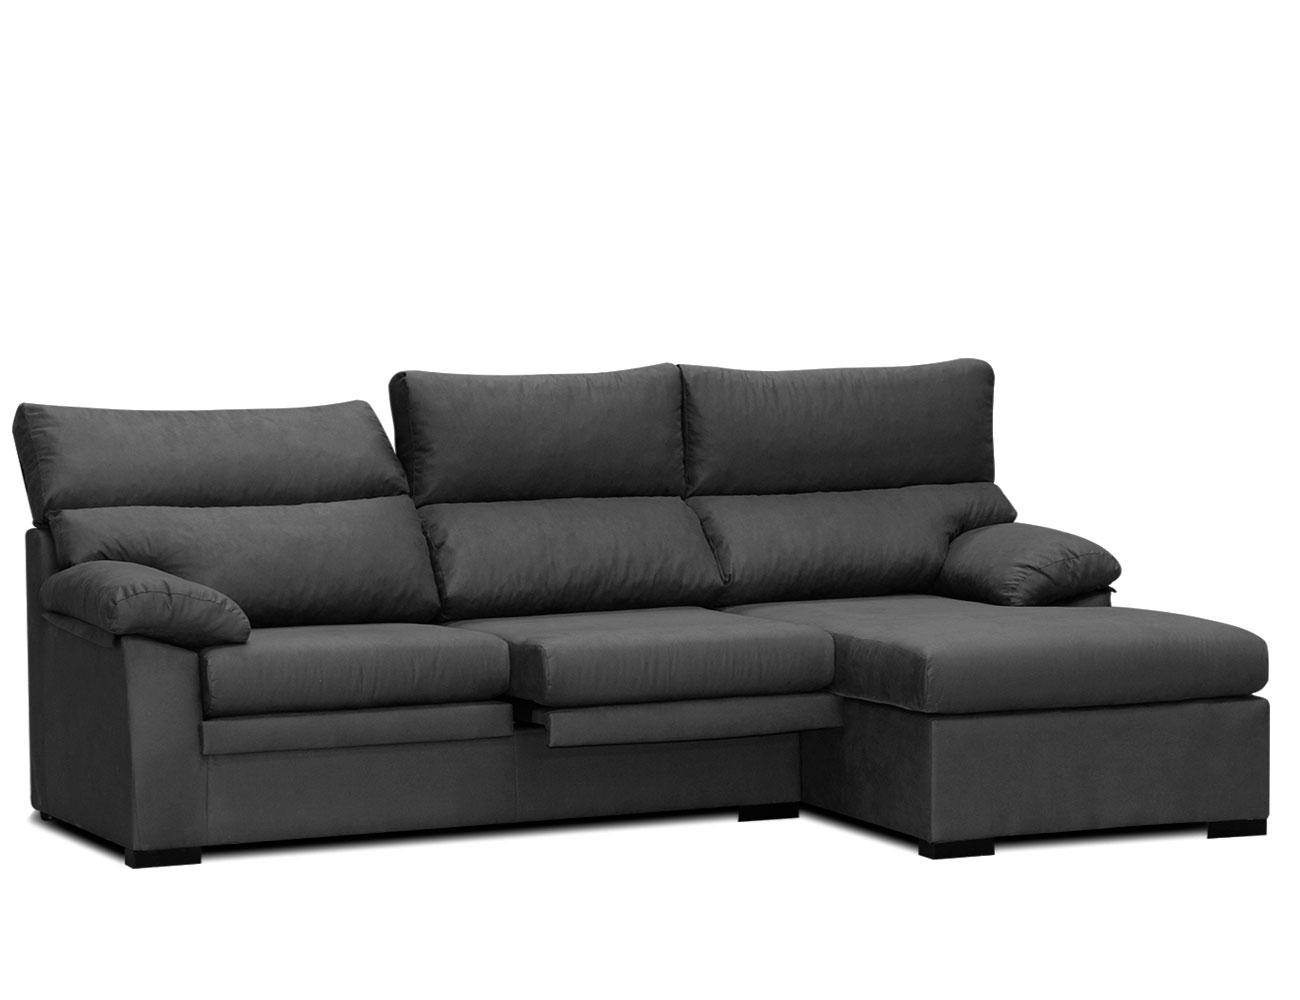 Sof chaiselongue con asientos extraibles y respaldos - Factory del sofa sevilla ...